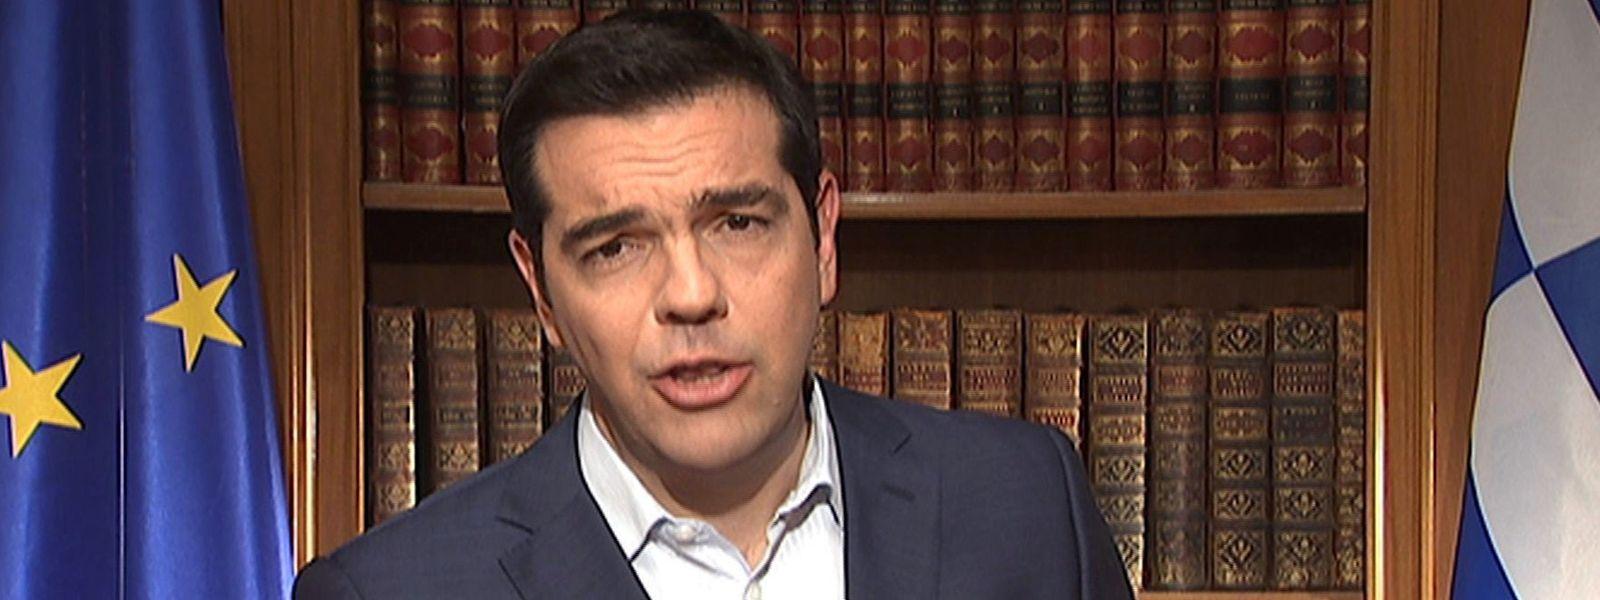 Alexis Tsipras durante o discurso transmitido hoje pela televisão grega